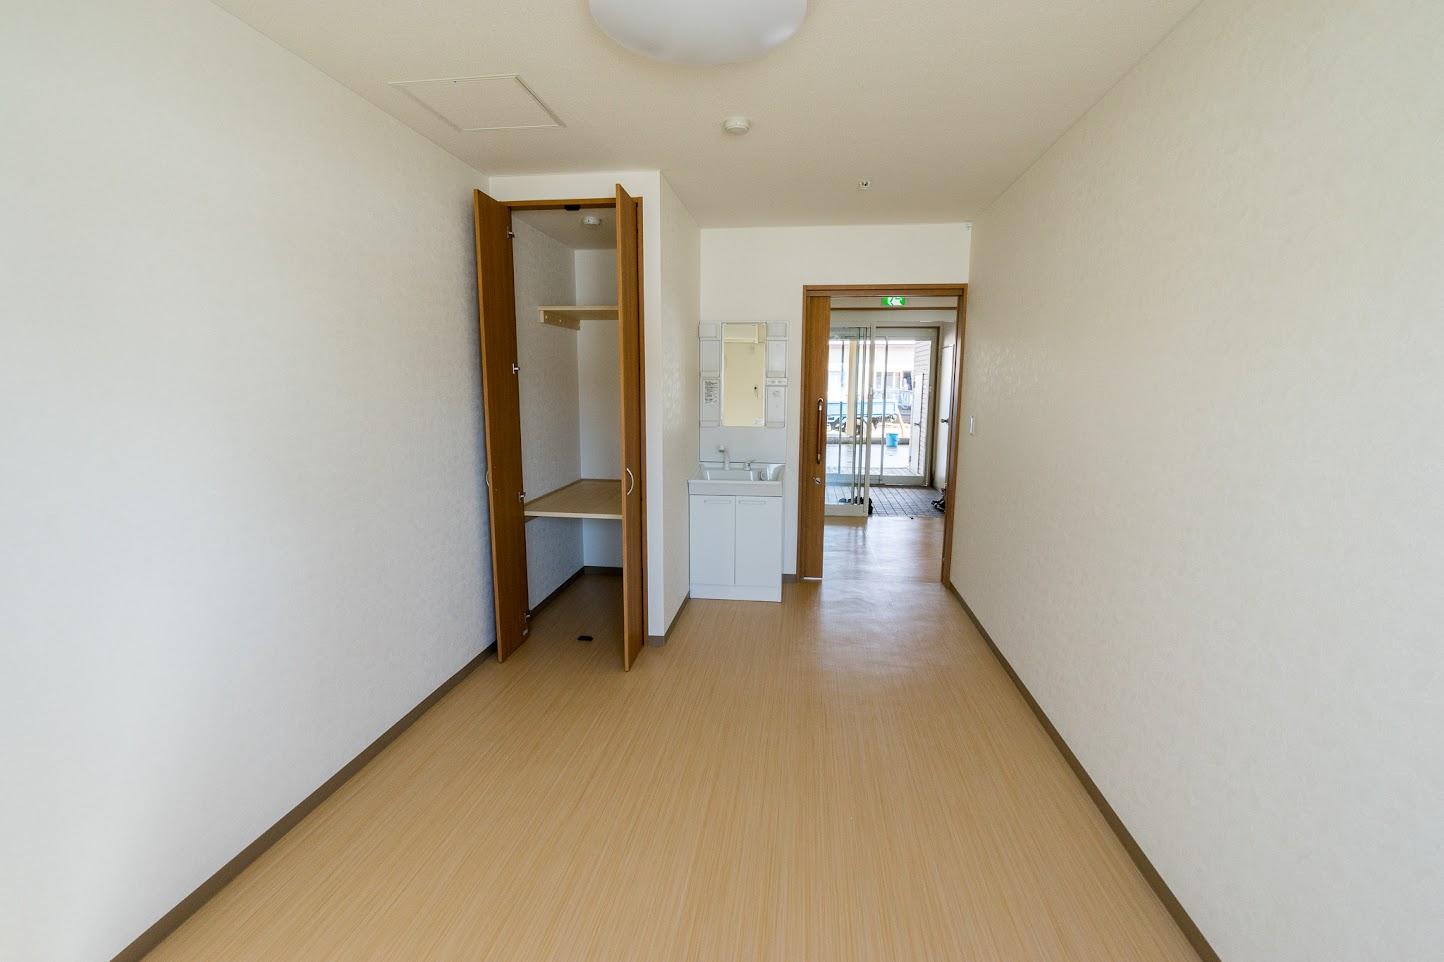 居室(12.48平方メートル)から廊下を見て